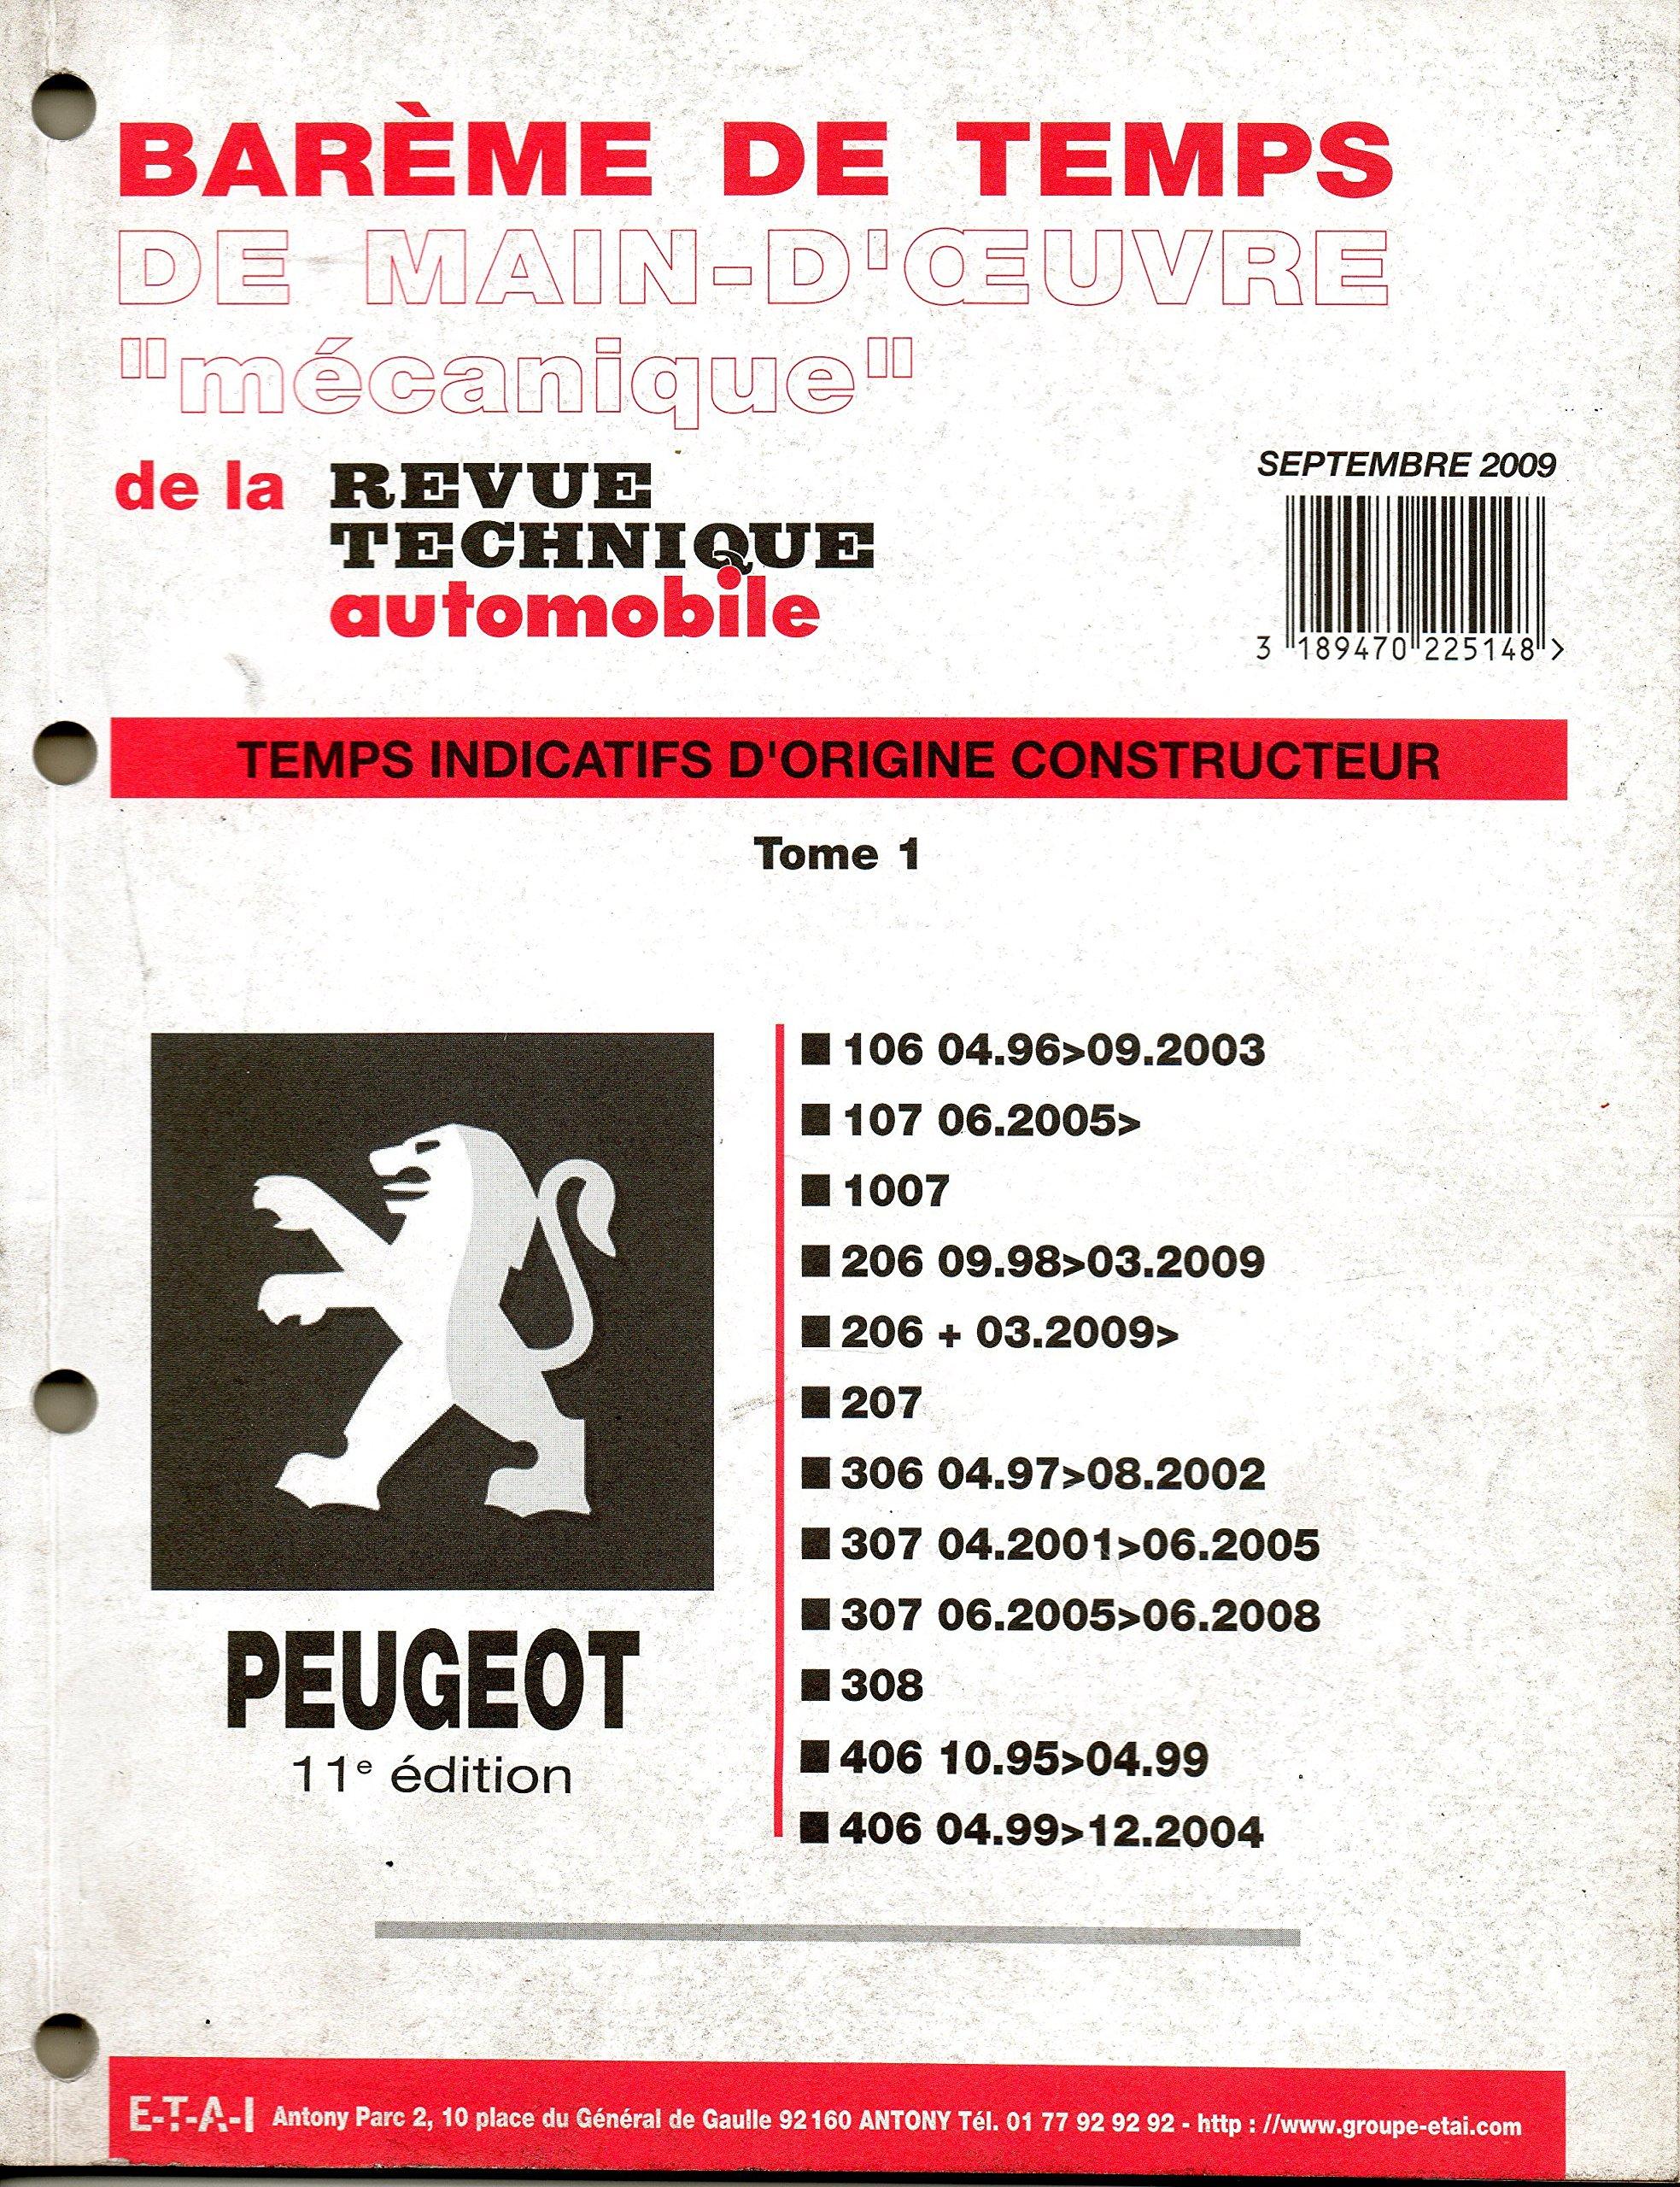 PEUGEOT TÉLÉCHARGER PDF GRATUITEMENT REVUE 1007 TECHNIQUE